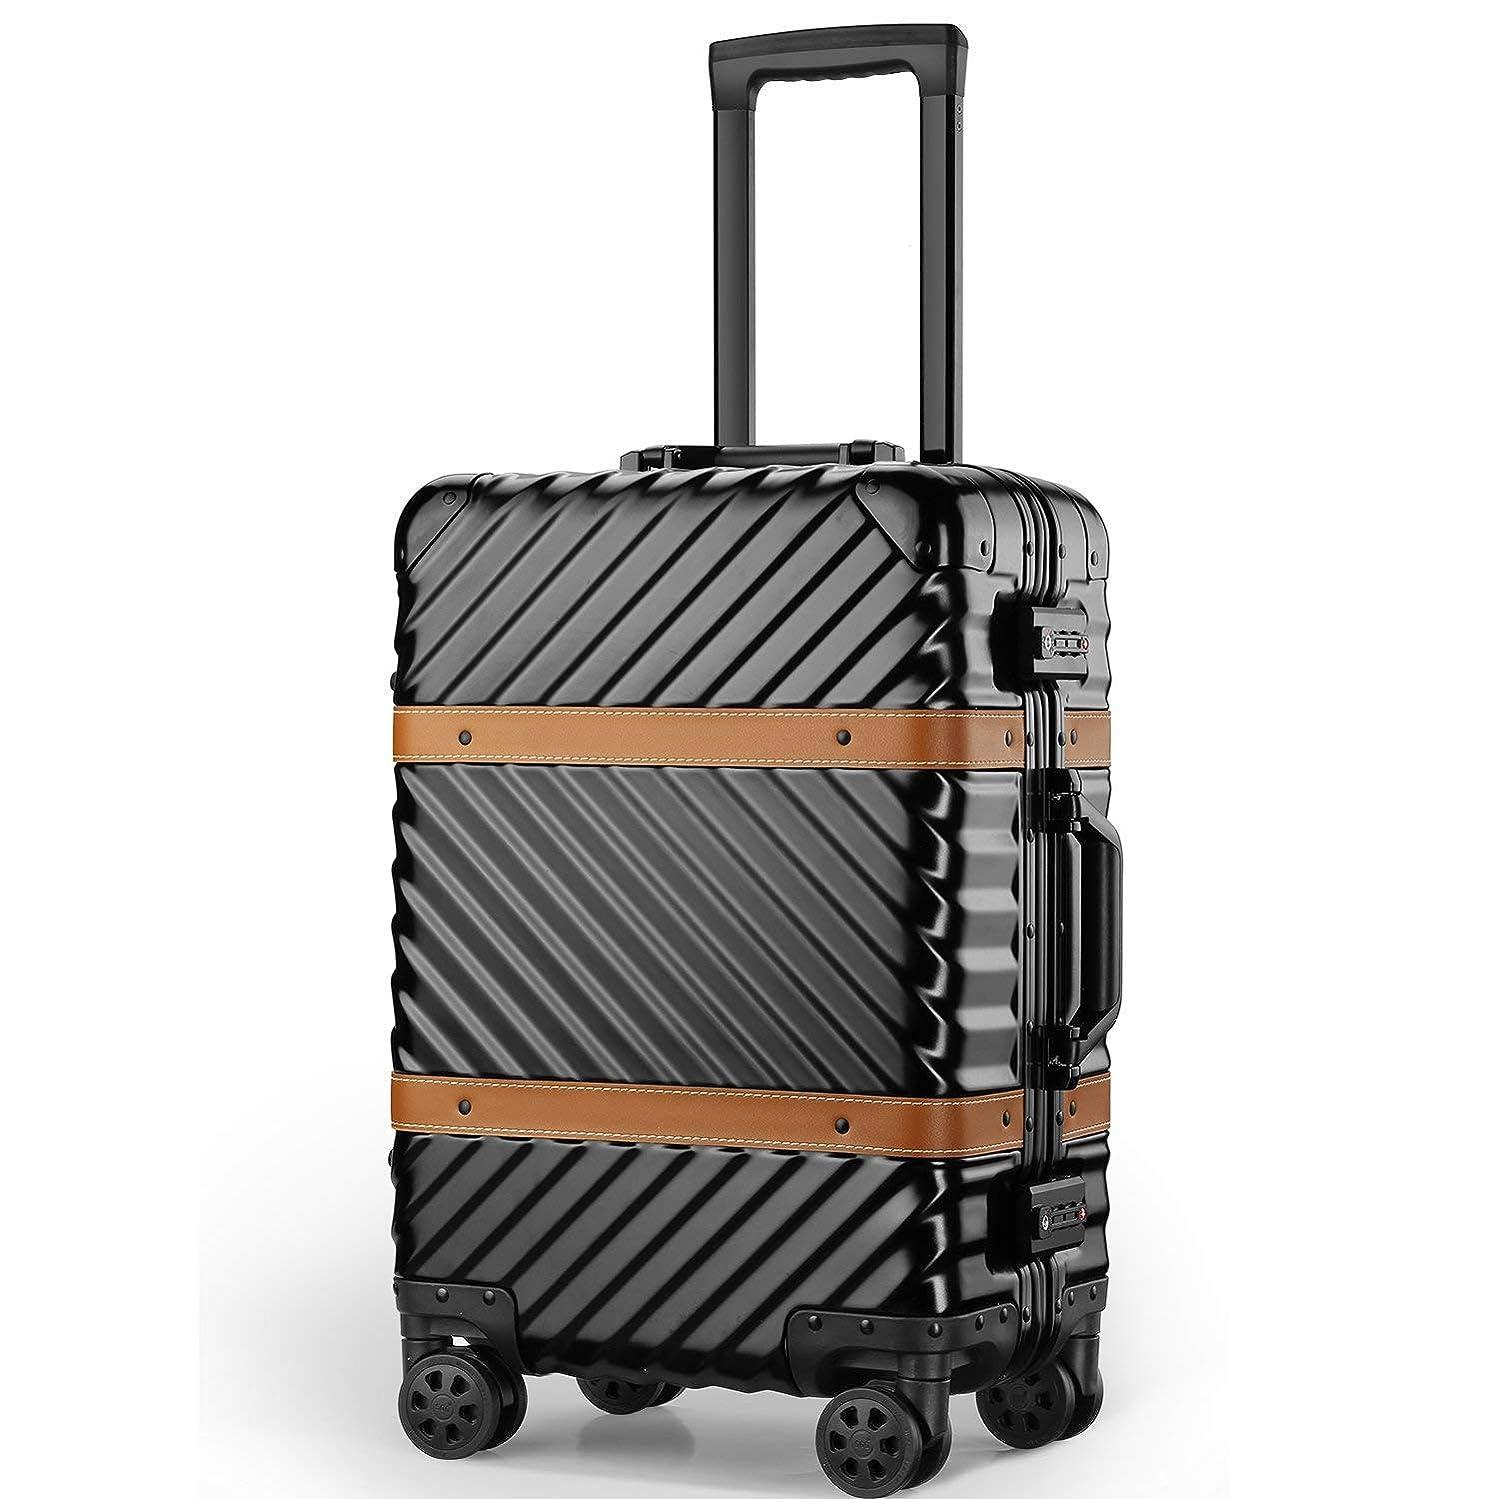 サイトライン明らかに多くの危険がある状況(P.I.) 旅行用 スーツケース キャリーケース TSAロック 半鏡面仕上げ アライン加工 アルミフレーム レトロ 旅行 出張 軽量 静音 ファスナーレス 保護カバー付き